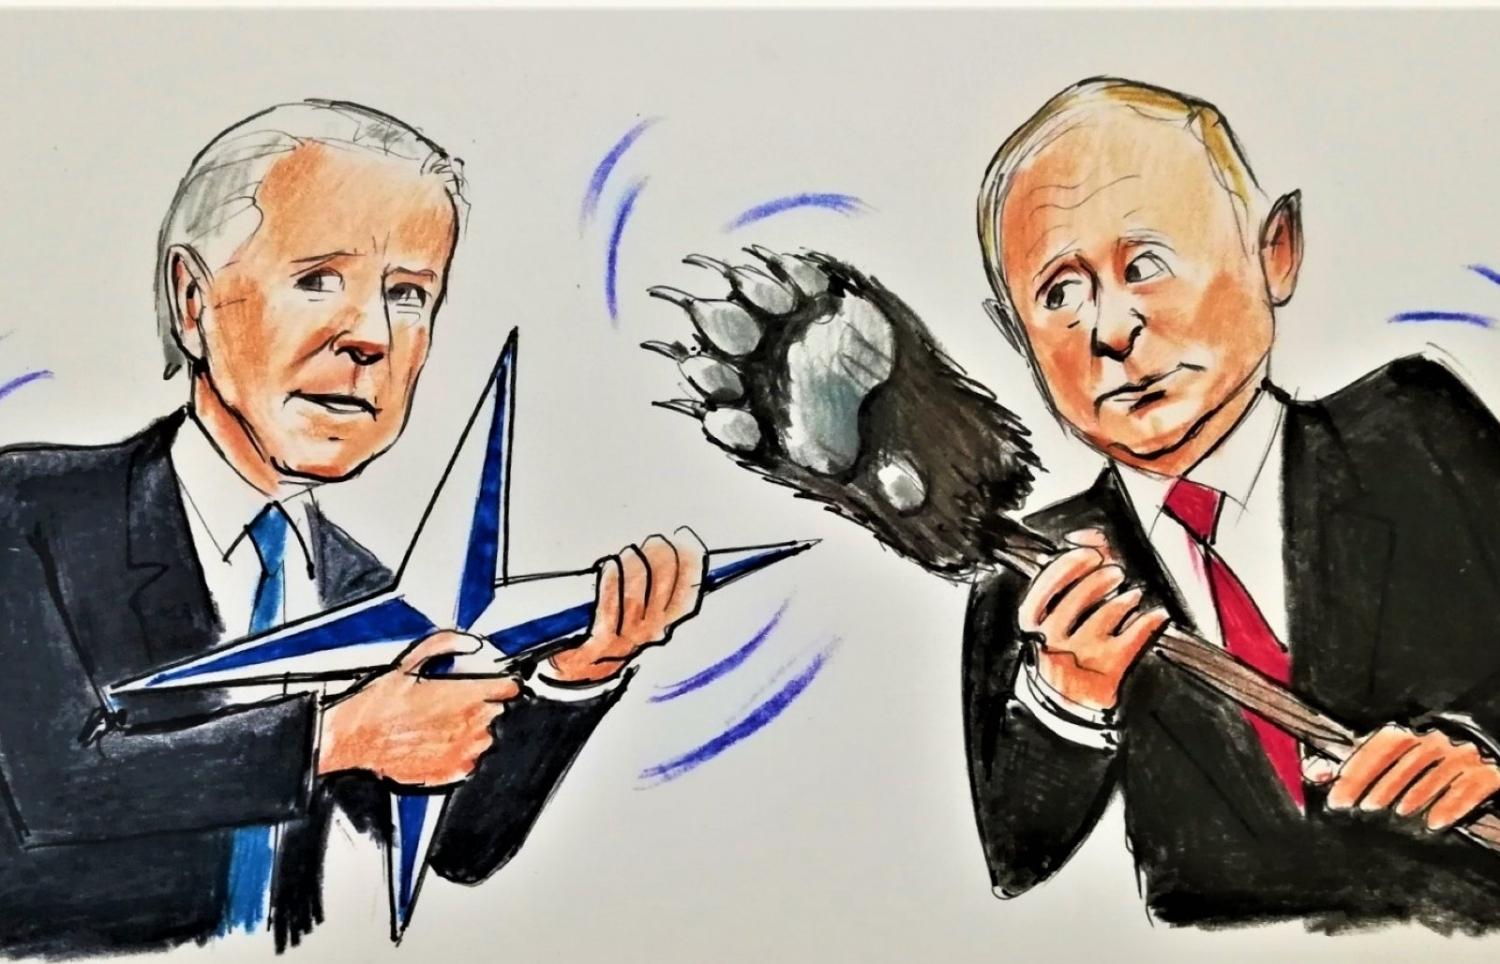 Toàn cảnh cuộc khủng hoảng ngoại giao Nga và phương Tây liên quan đến tình hình Donbass